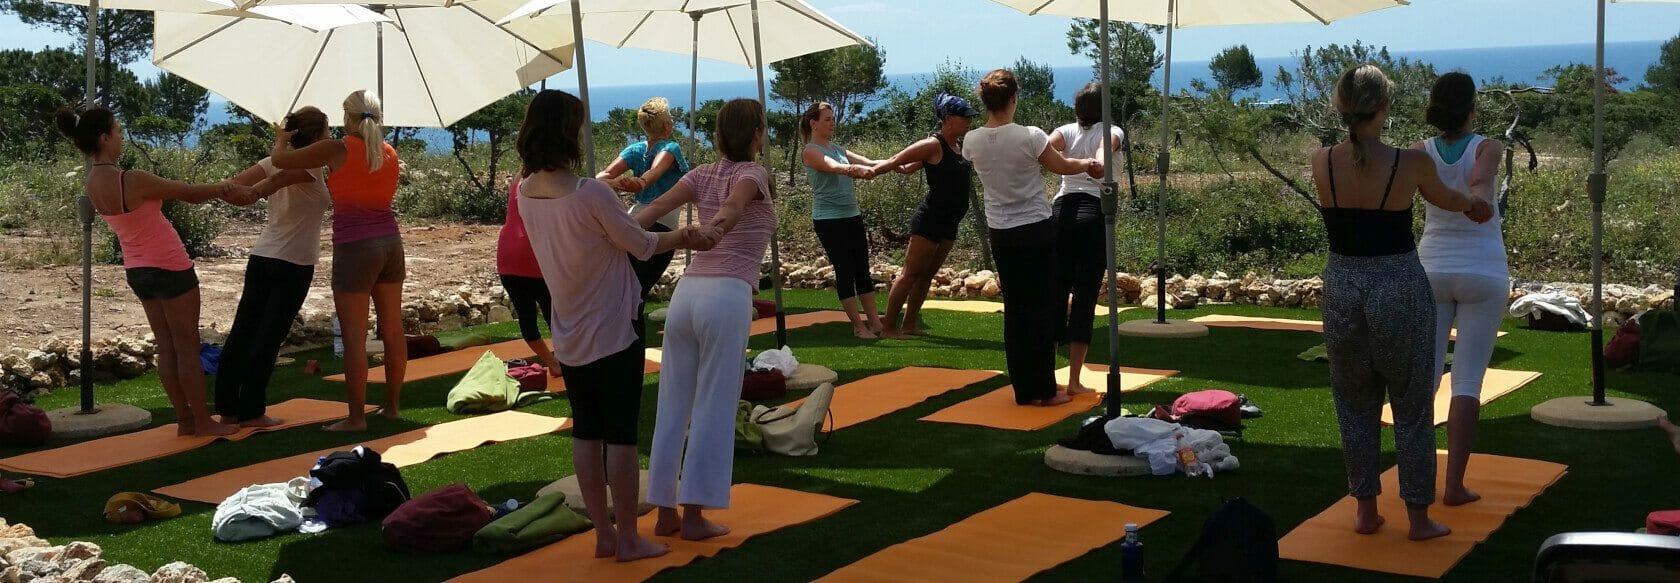 Yoga am Meer - Übungseinheit Outdoor mit Meerblick